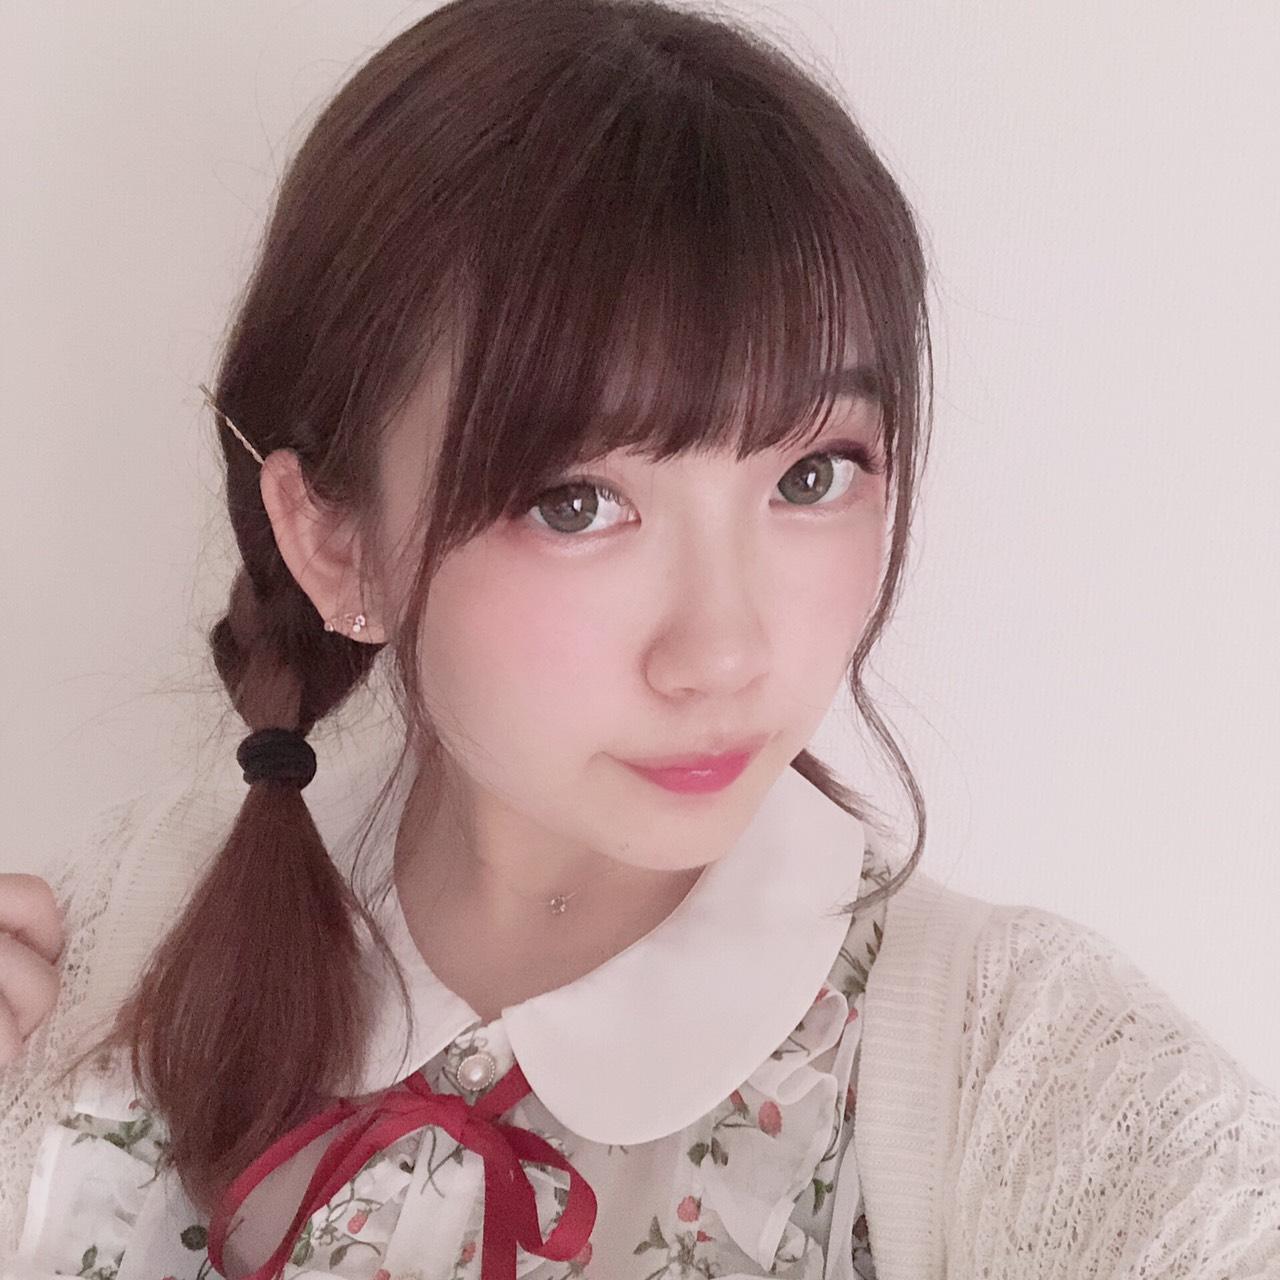 埼玉のメンズエステ・メンズアロマのお店「癒し処かなで」の在籍メンズエステセラピスト|東京アロマエステ案内所